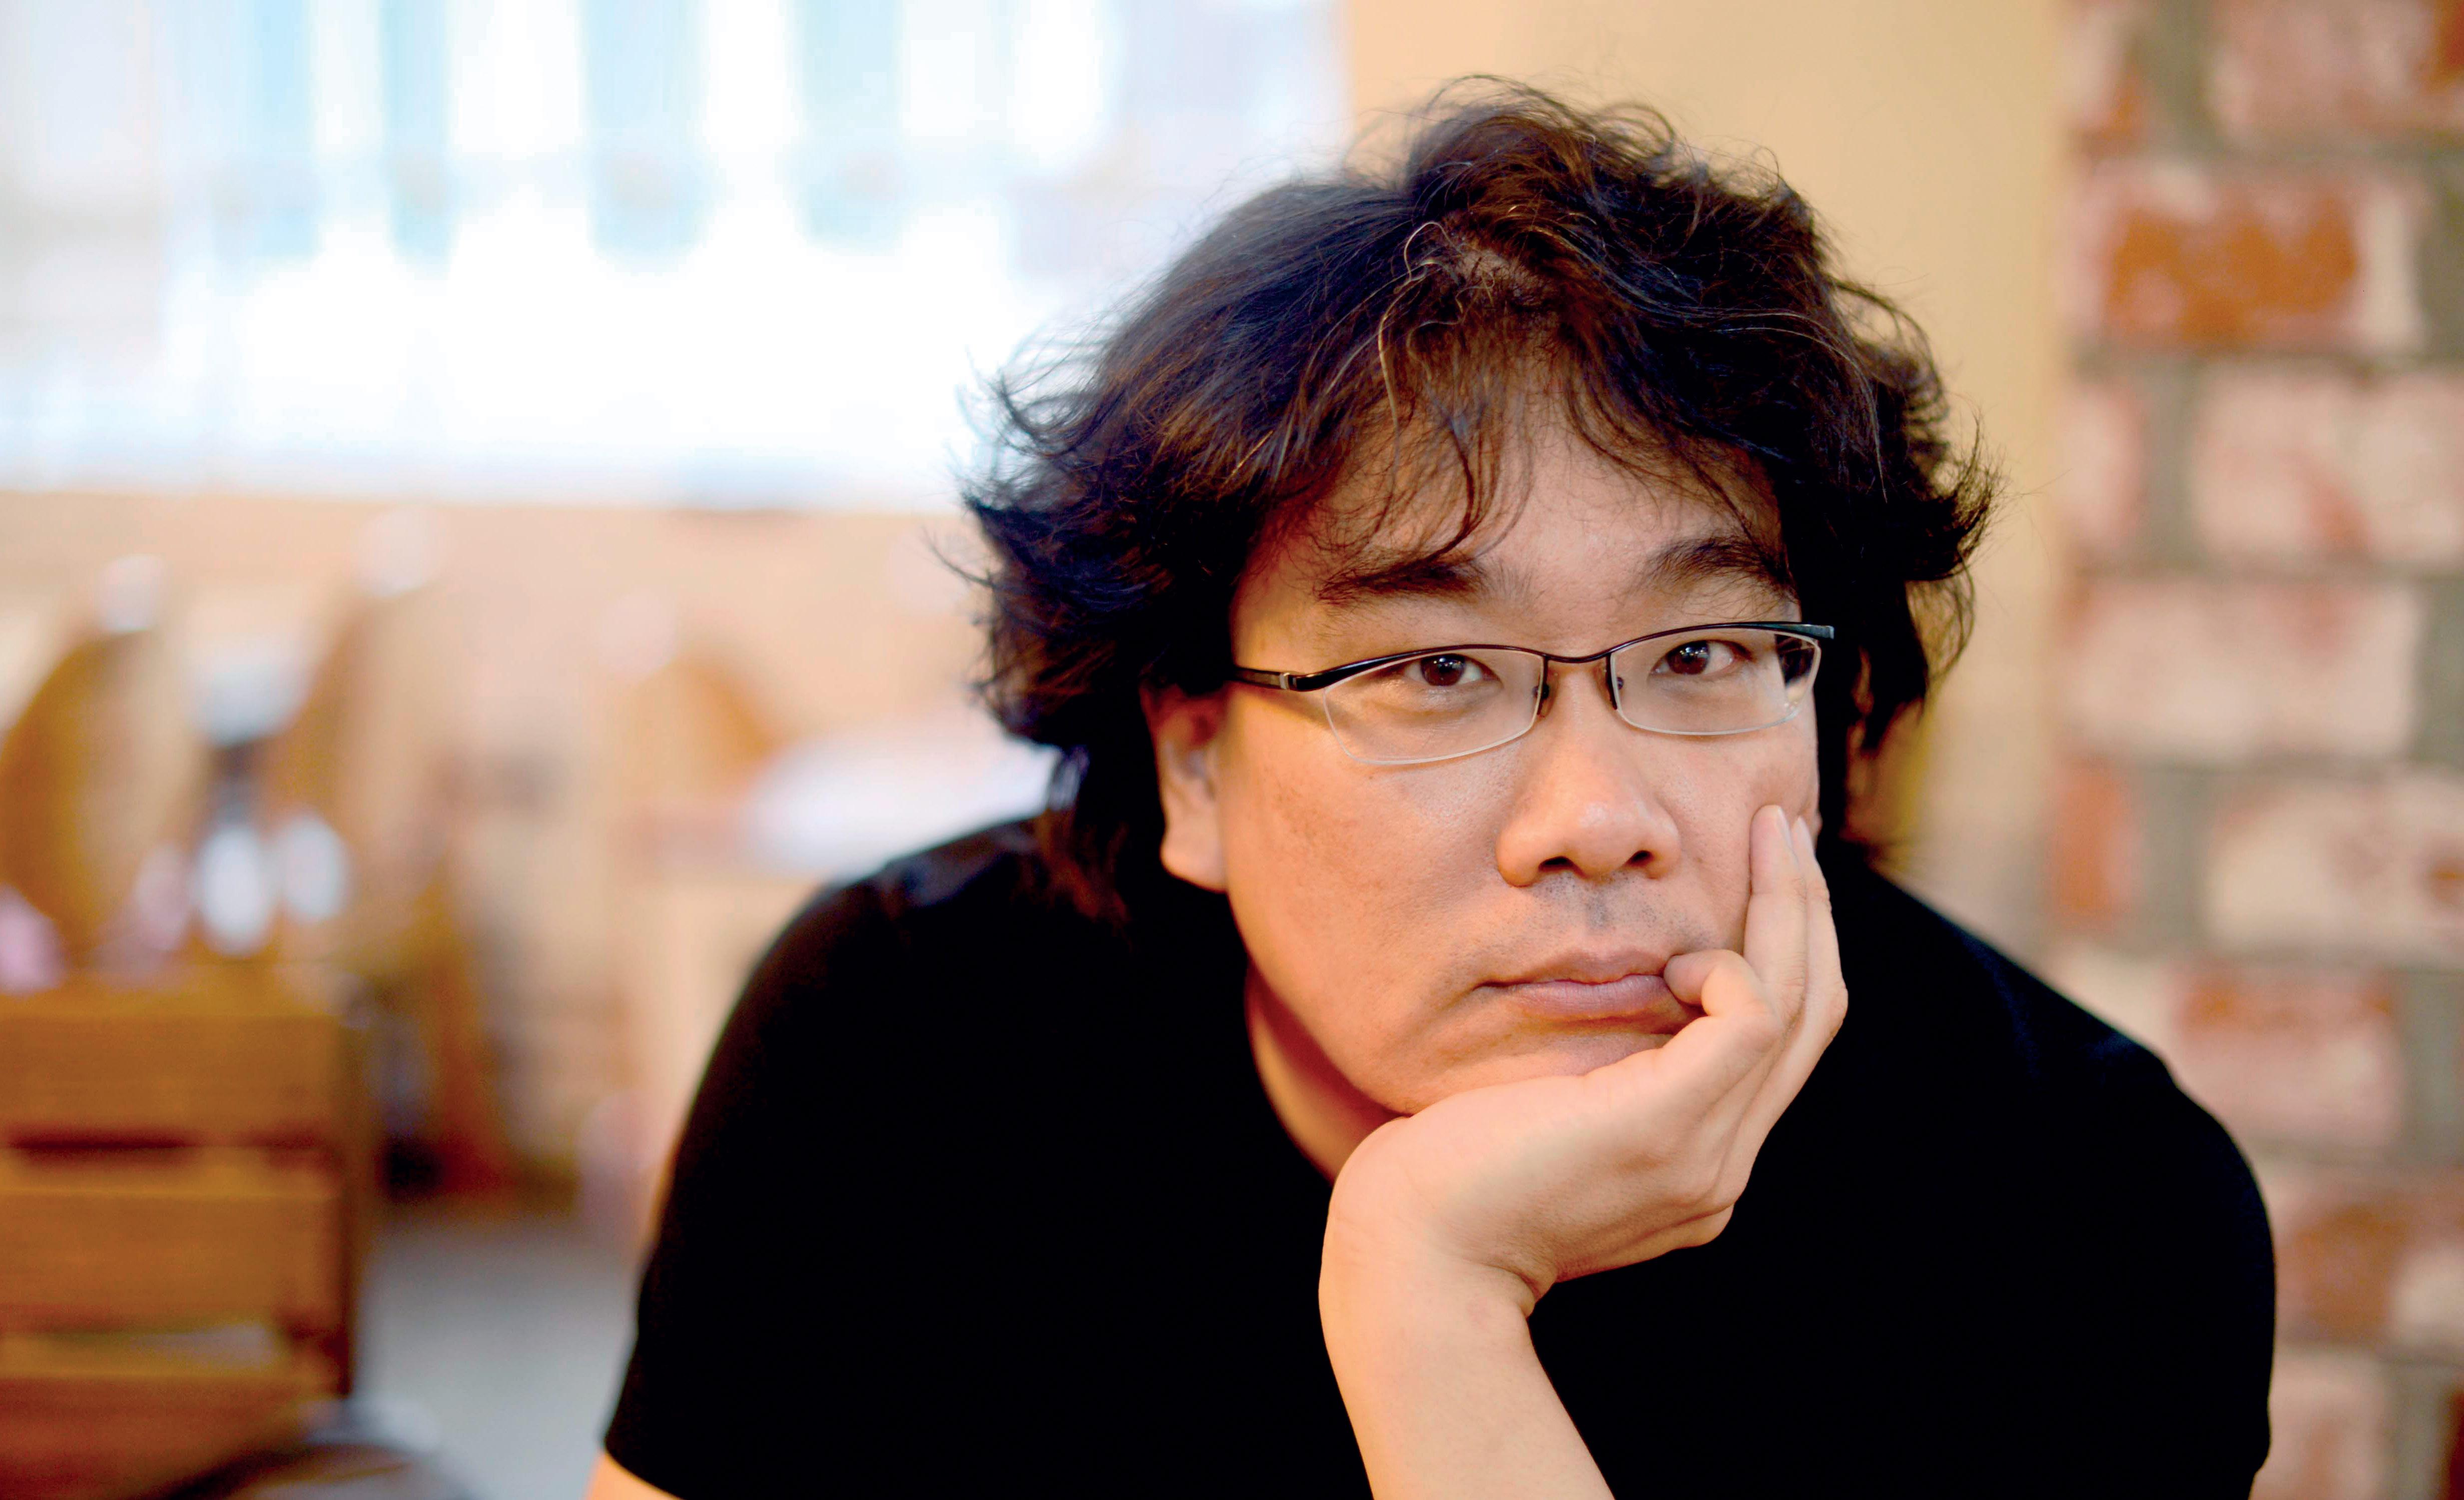 Đạo diễn Bong Joon Ho: Thiên tài hay kẻ bệnh hoạn siêu thông minh trong làng điện ảnh Hàn Quốc?